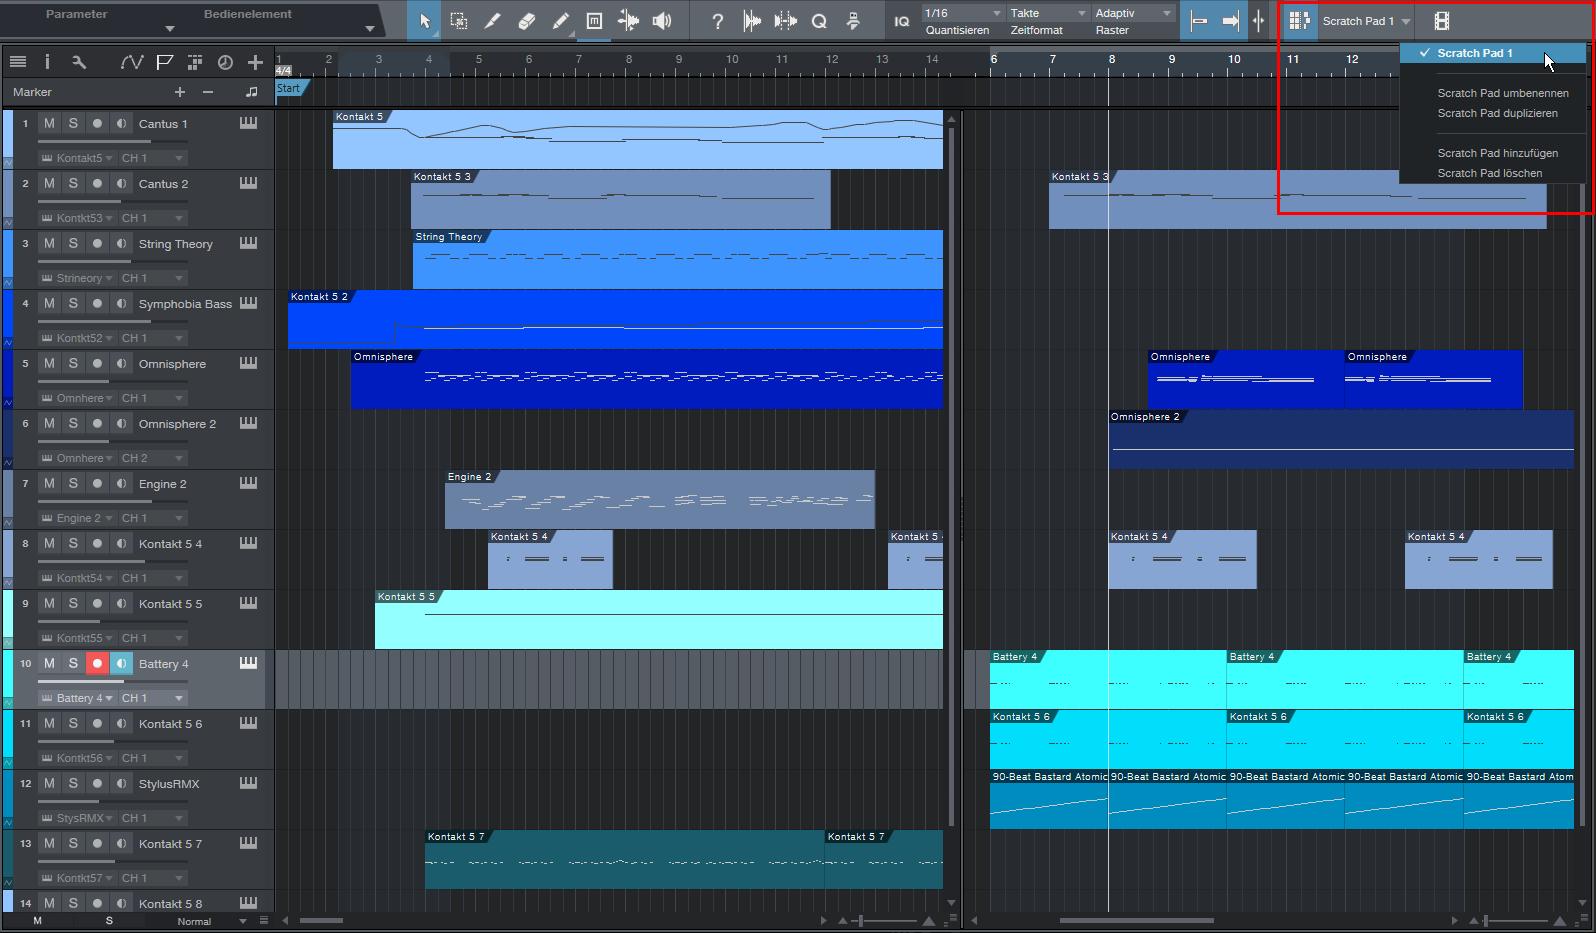 Das Scratch Pad eignet sich zum Ausprobieren von Songskizzen oder alternativen Songteilen